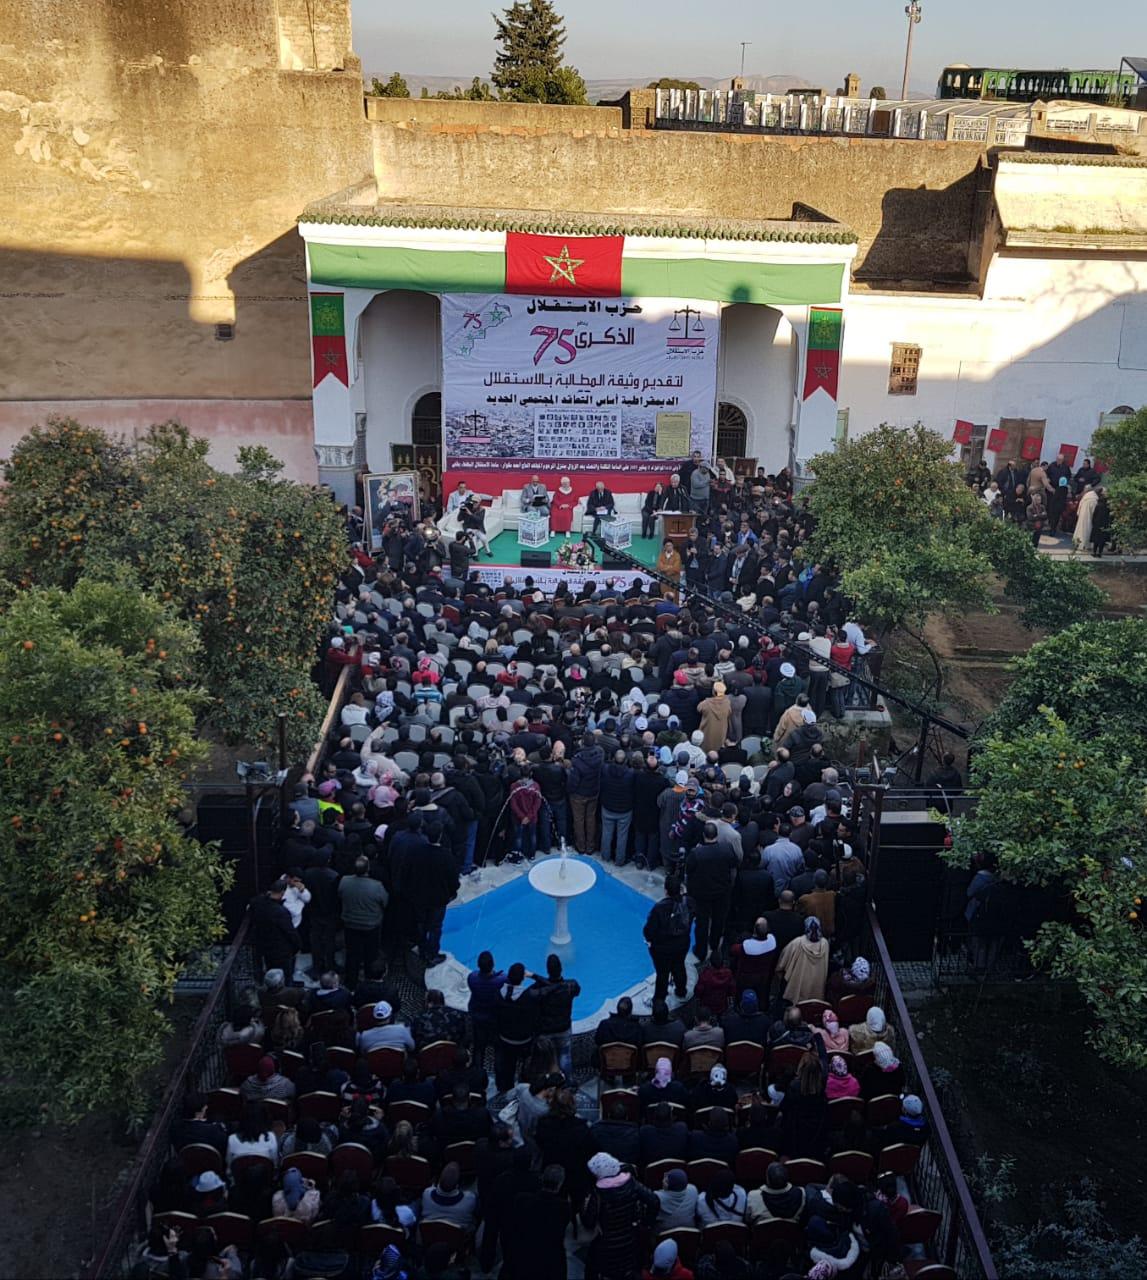 العرض السياسي للأخ نزار بركة الأمين العام لحزب الاستقلال في الذكرى الخامسة والسبعين لتقديم وثيقة المطالبة بالاستقلال